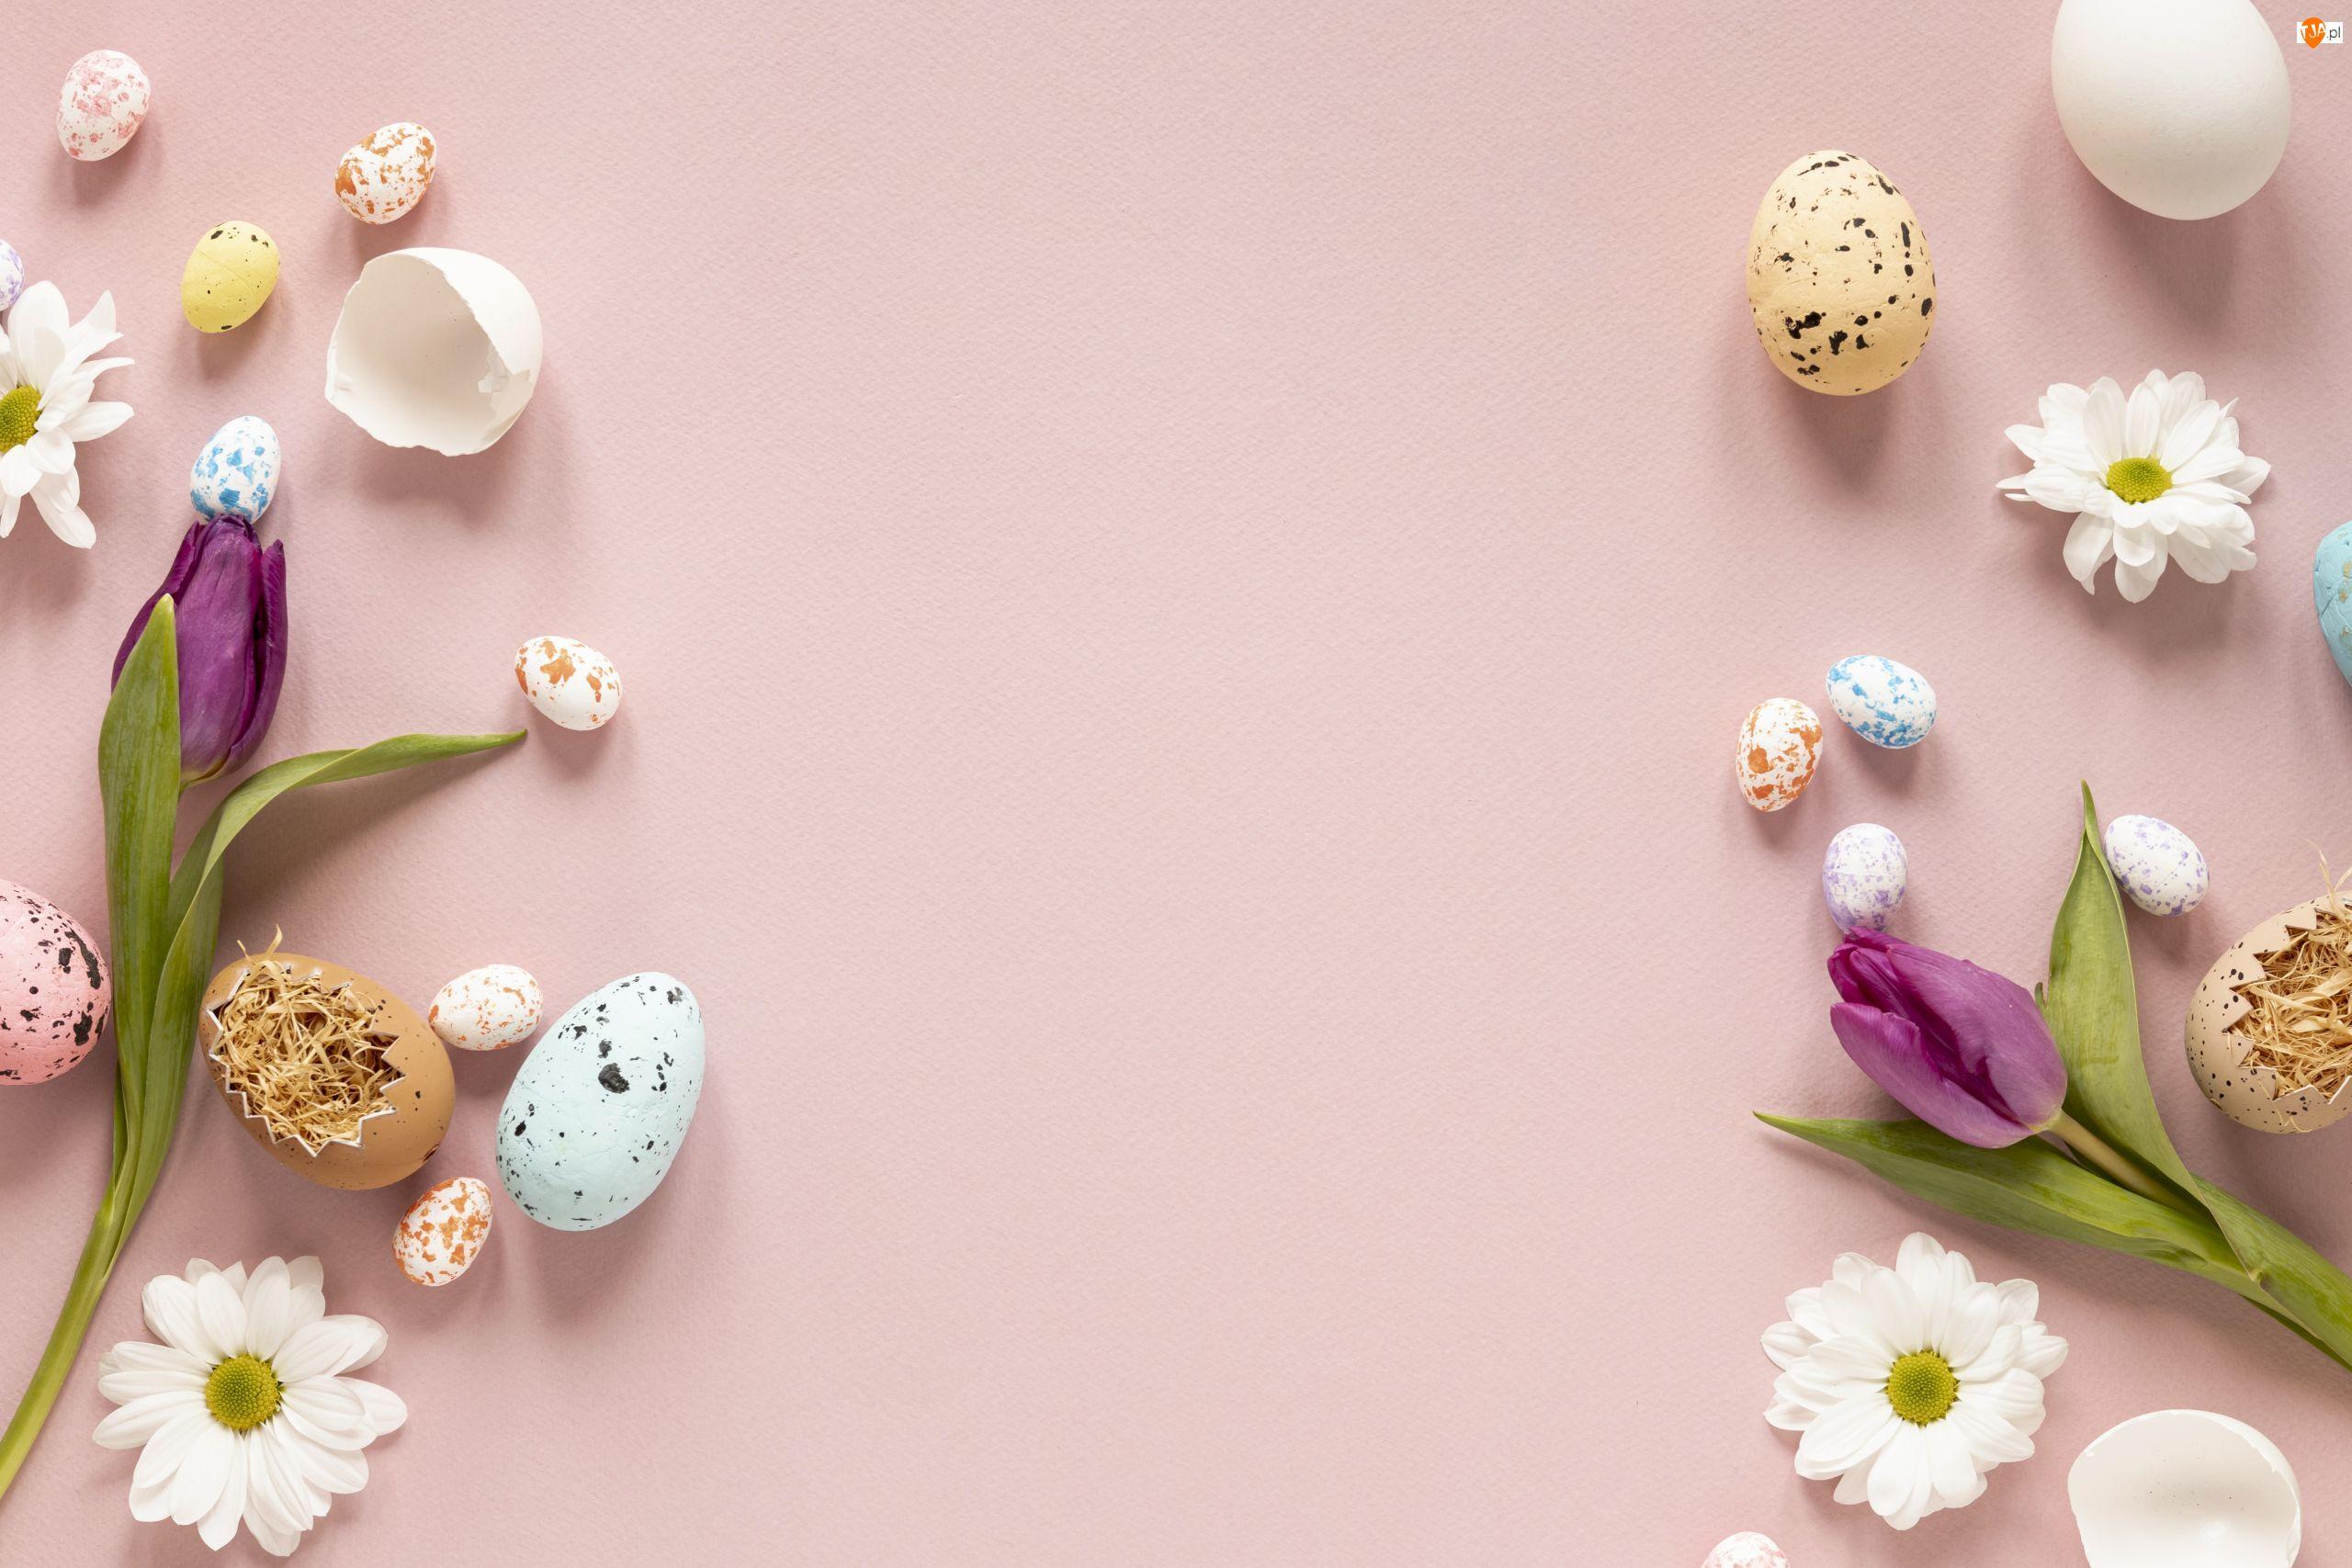 Kwiaty, Wielkanoc, Pisanki, Jajka, Tulipany